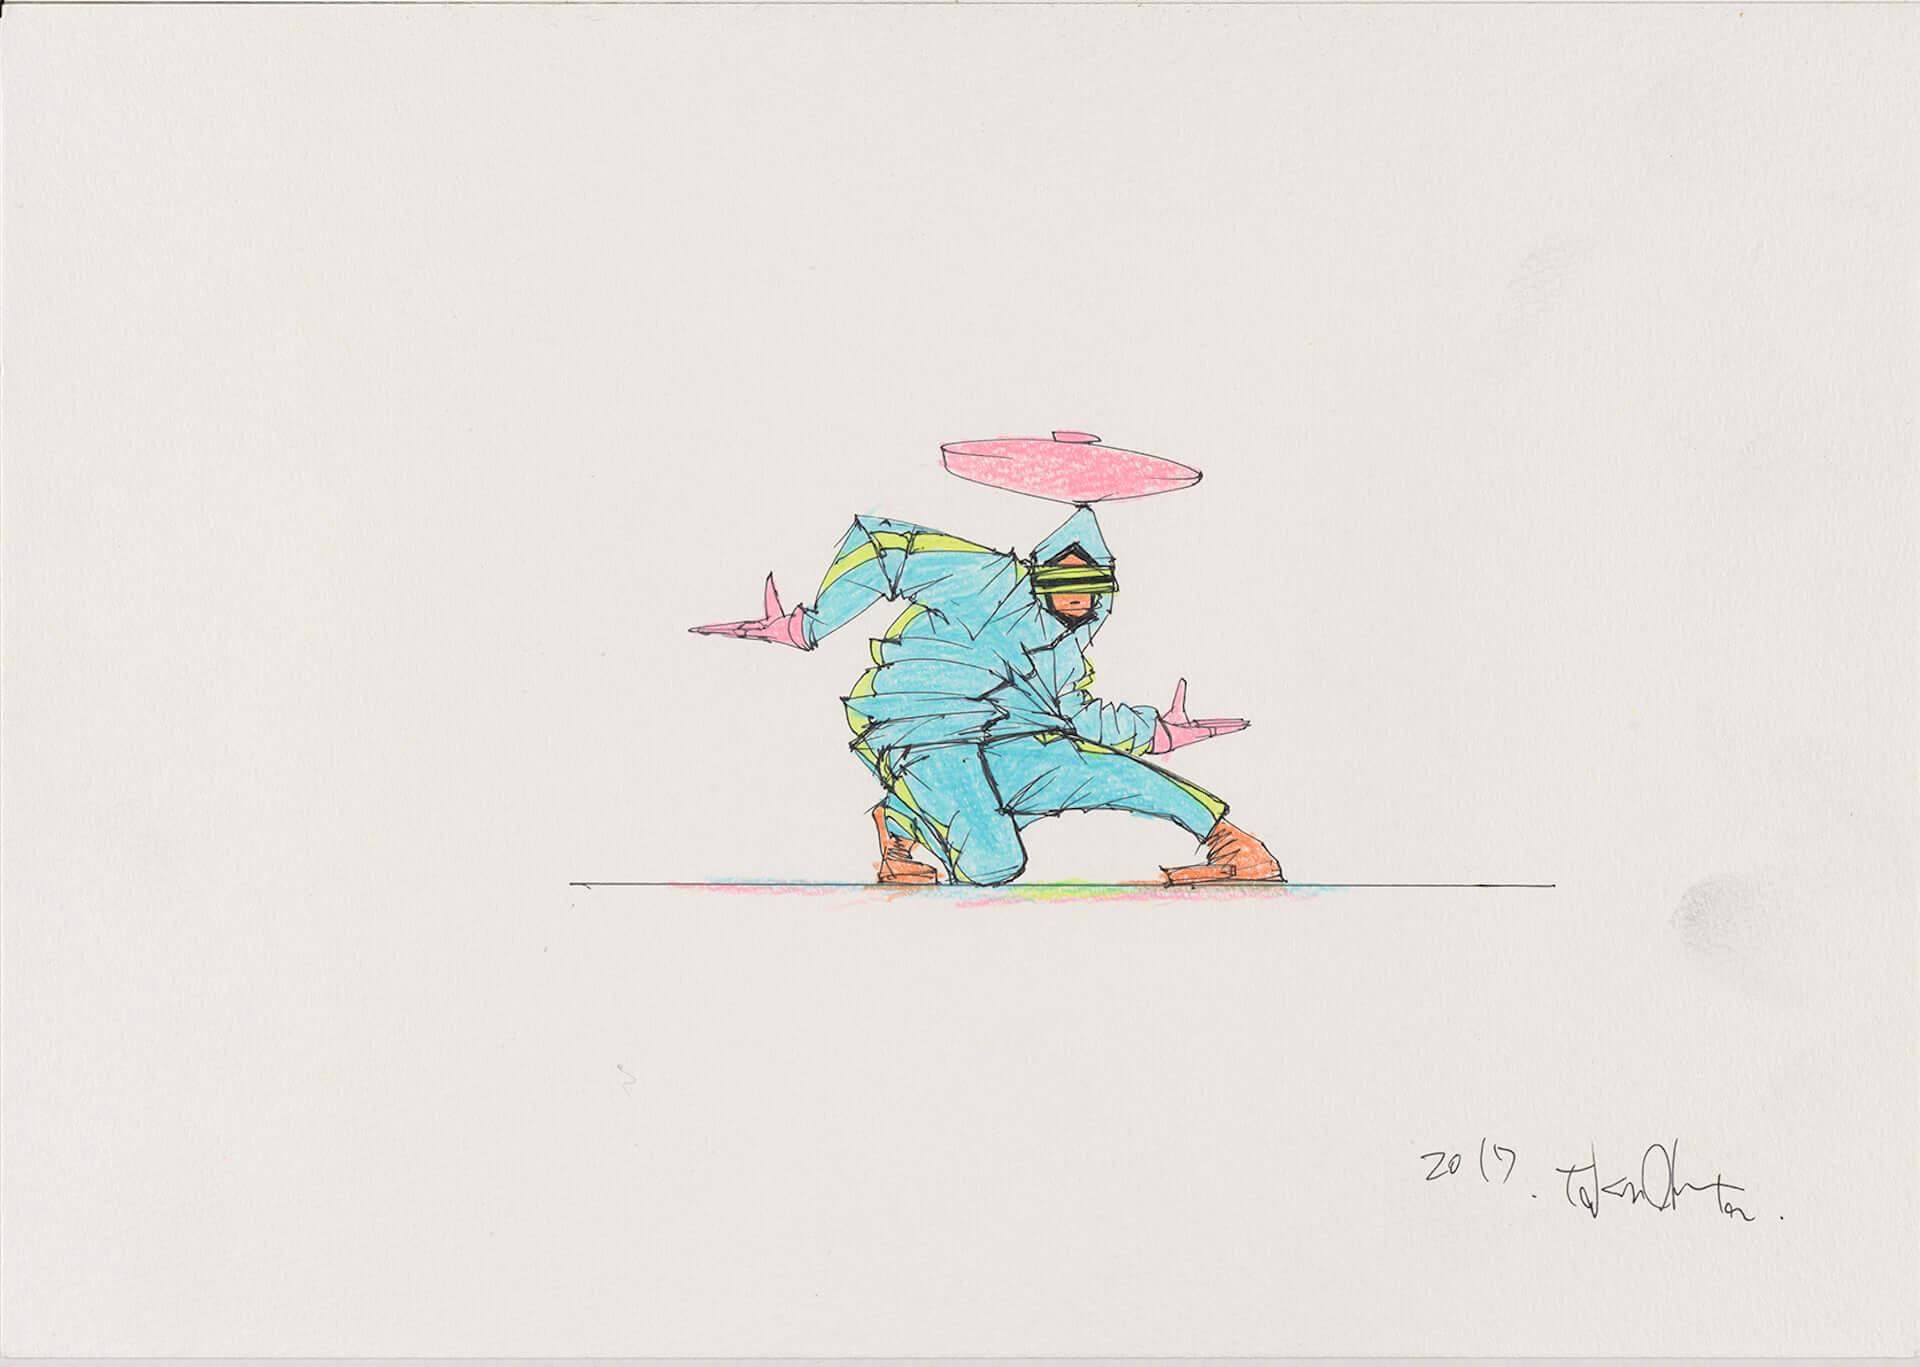 彫刻家・小畑多丘による初の作品集『Spectrum of the Move』が刊行決定!京都「haku kyoto」では記念の個展も開催 art201118_taku-obata_2-1920x1367